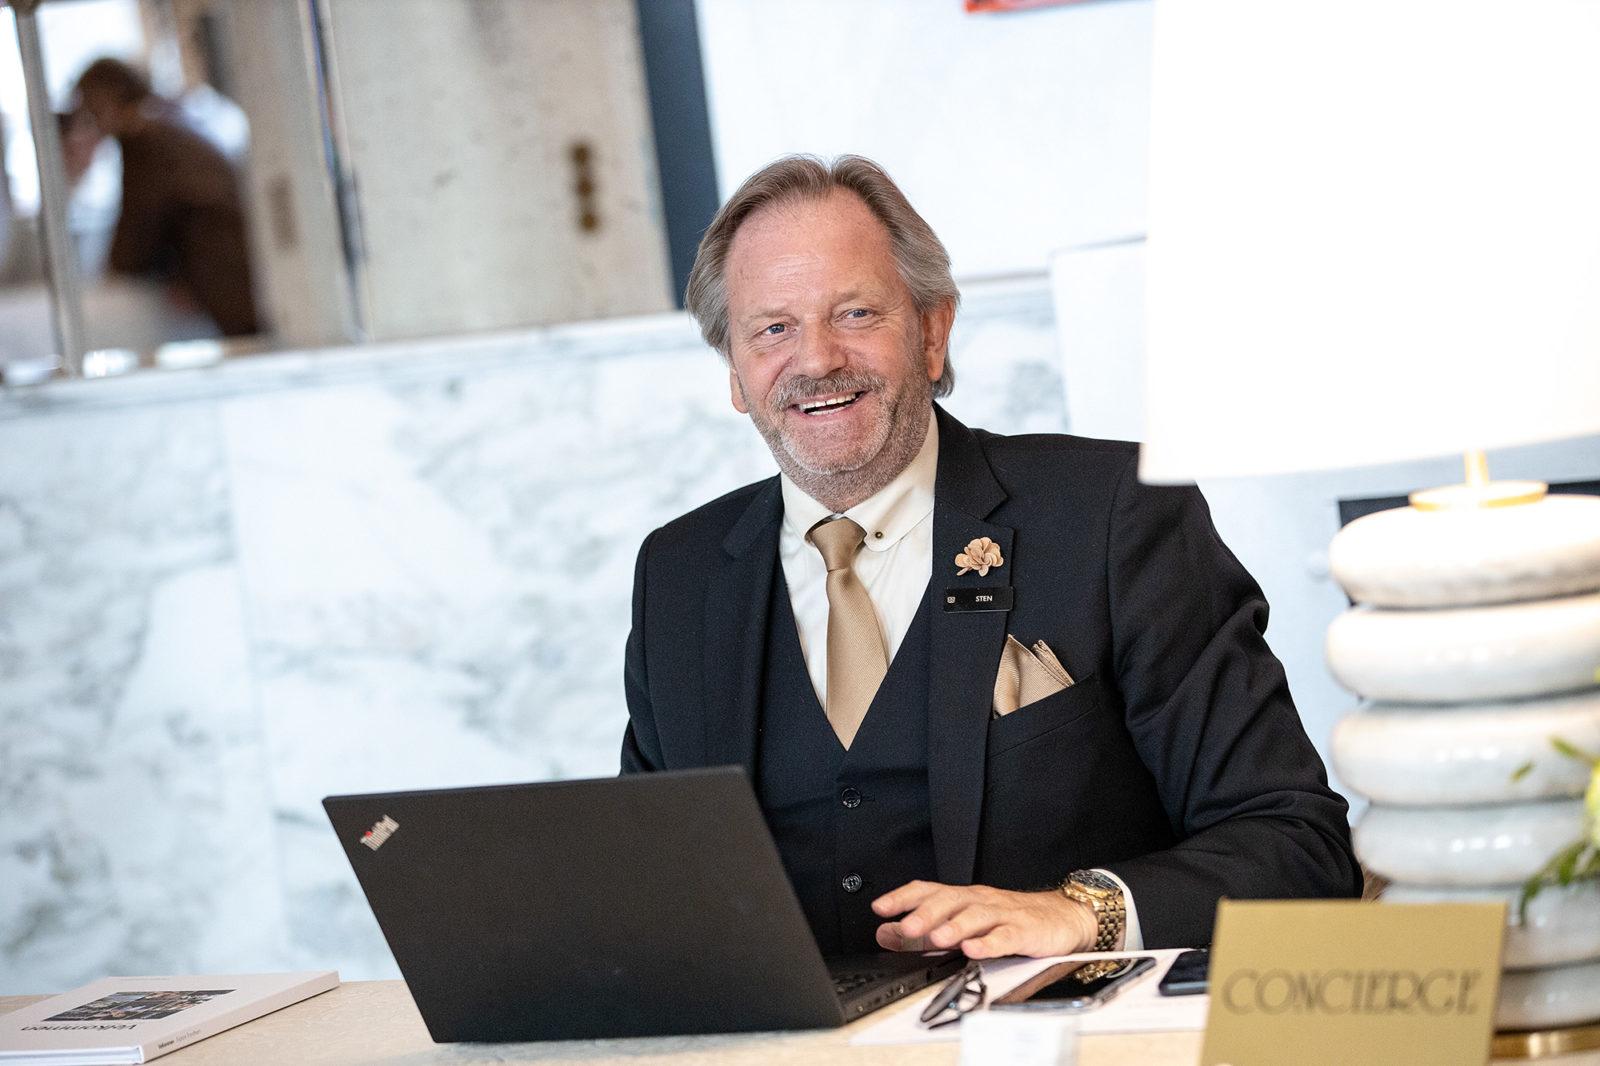 Concierge at Britannia Hotel in Trondheim